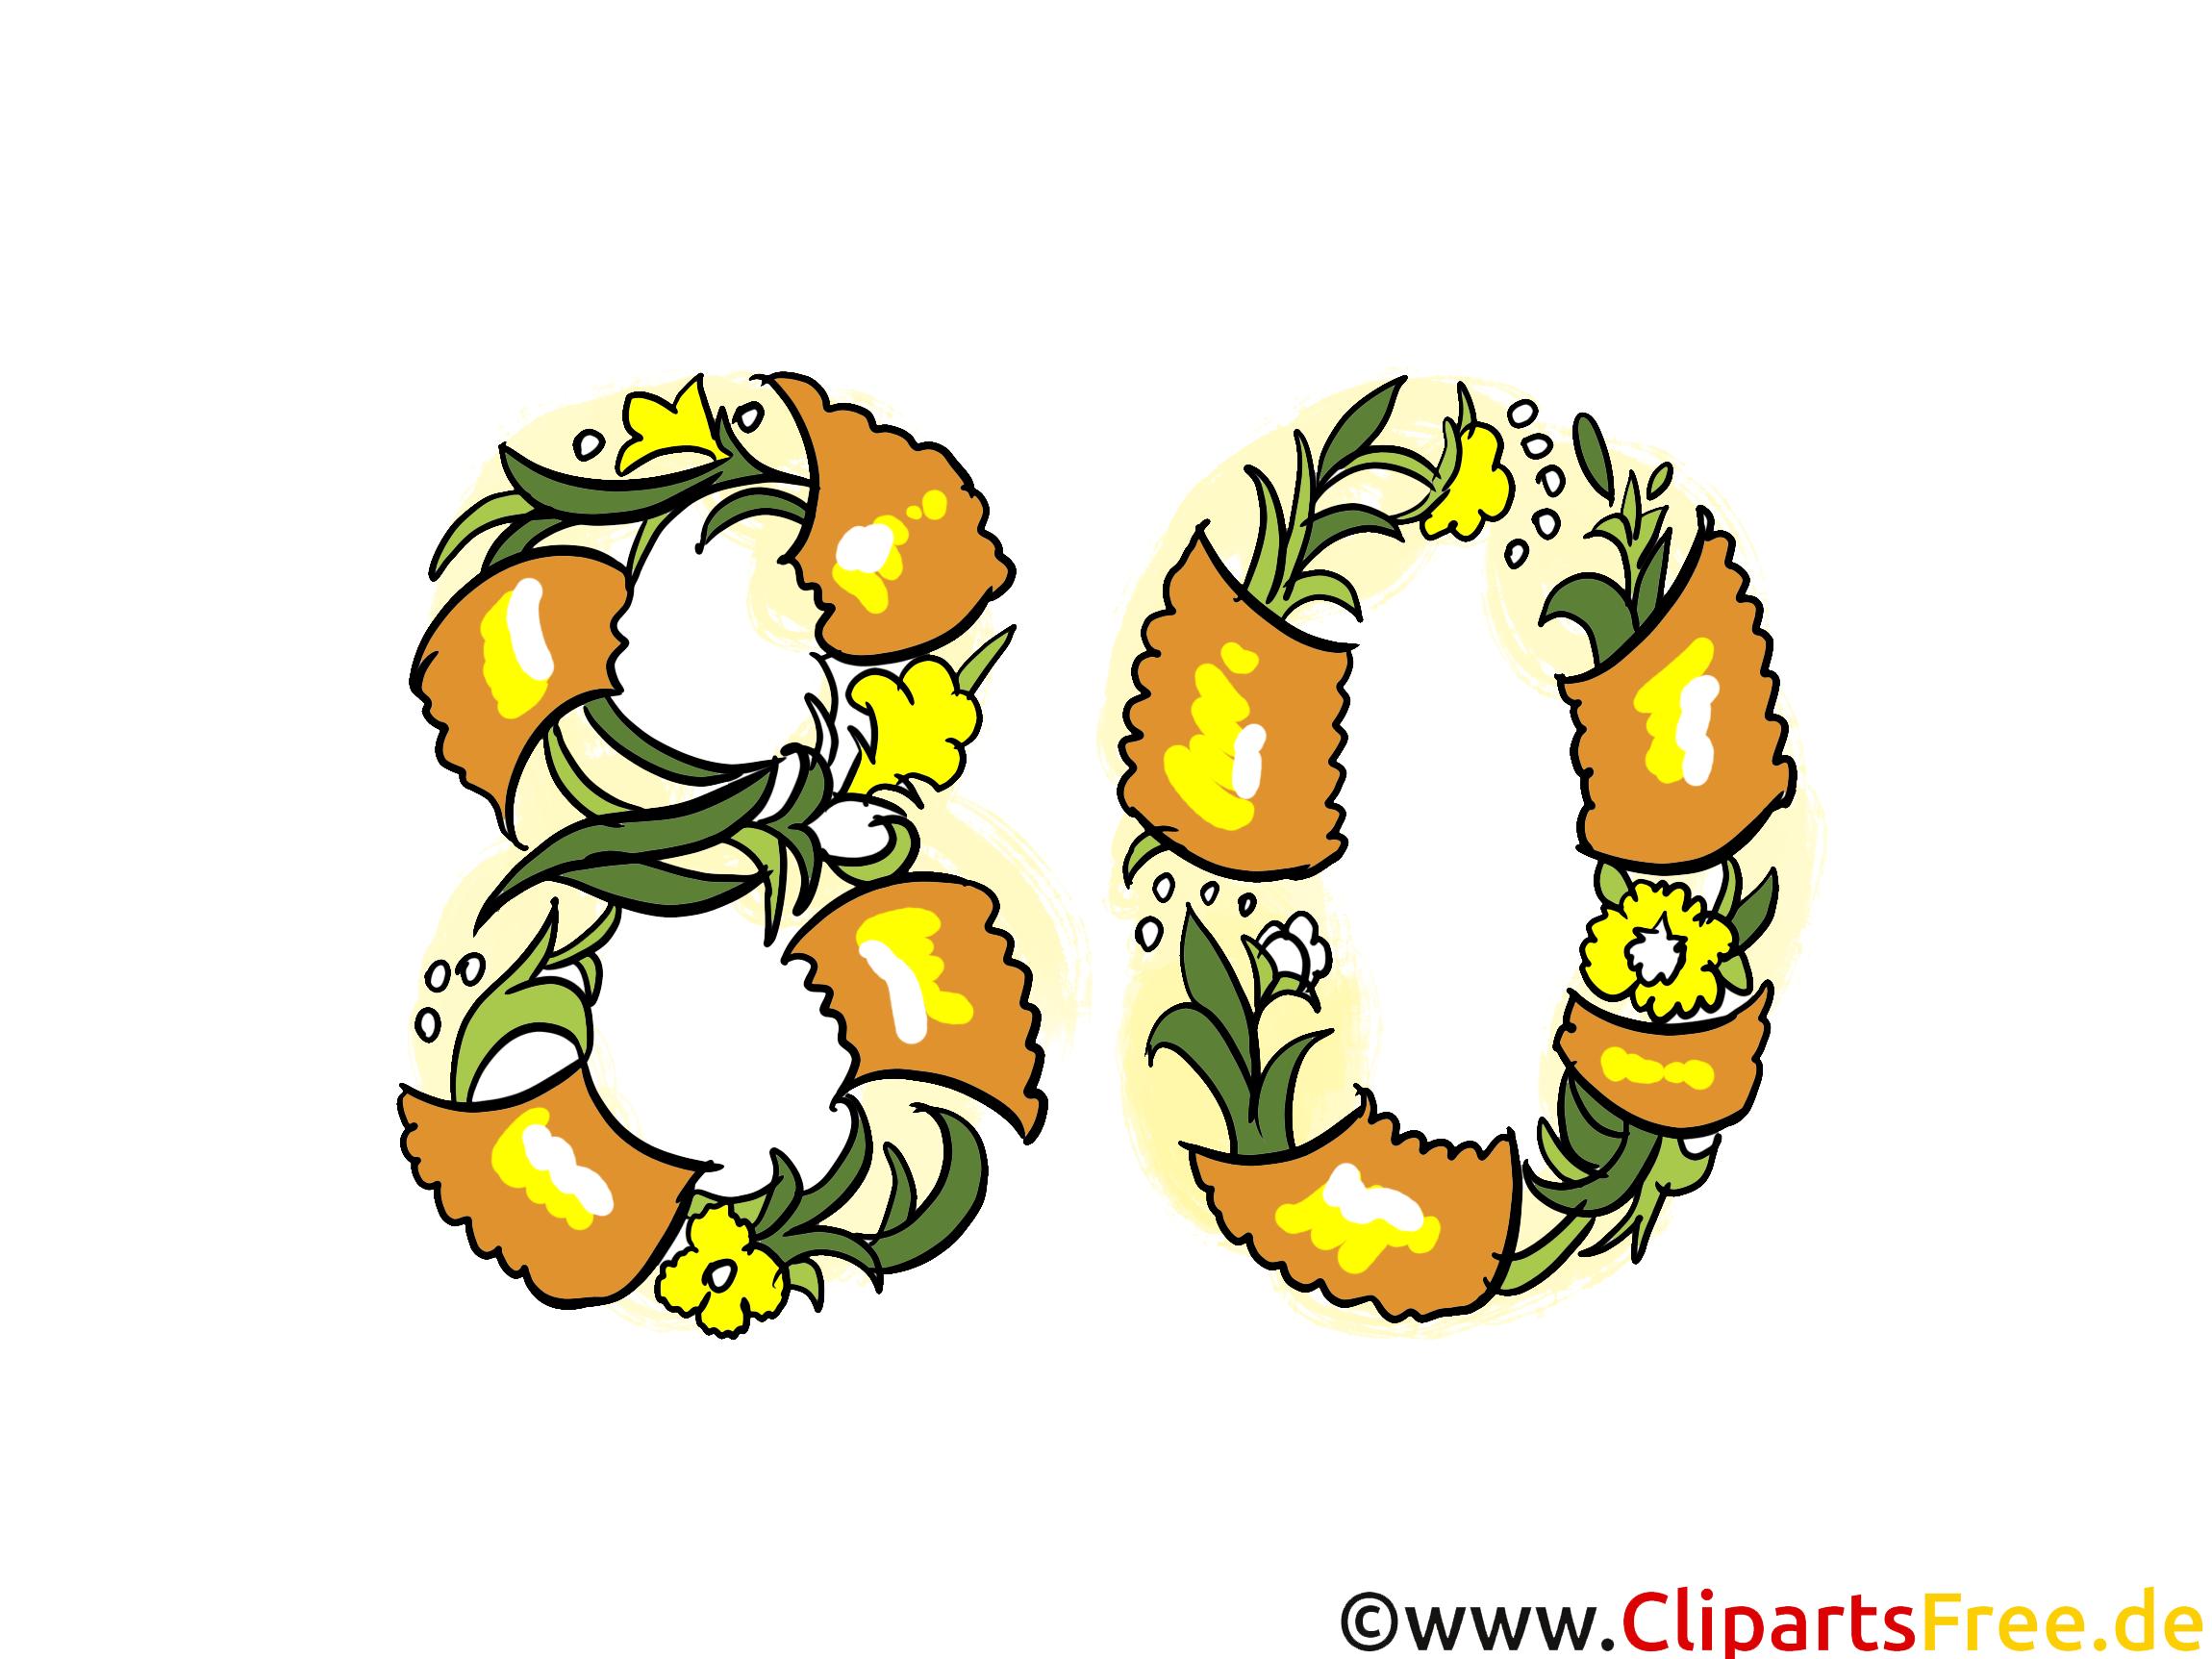 80 Ans Image Gratuite Anniversaire Cliparts Anniversaire Dessin Picture Image Graphic Clip Art Telecharger Gratuit